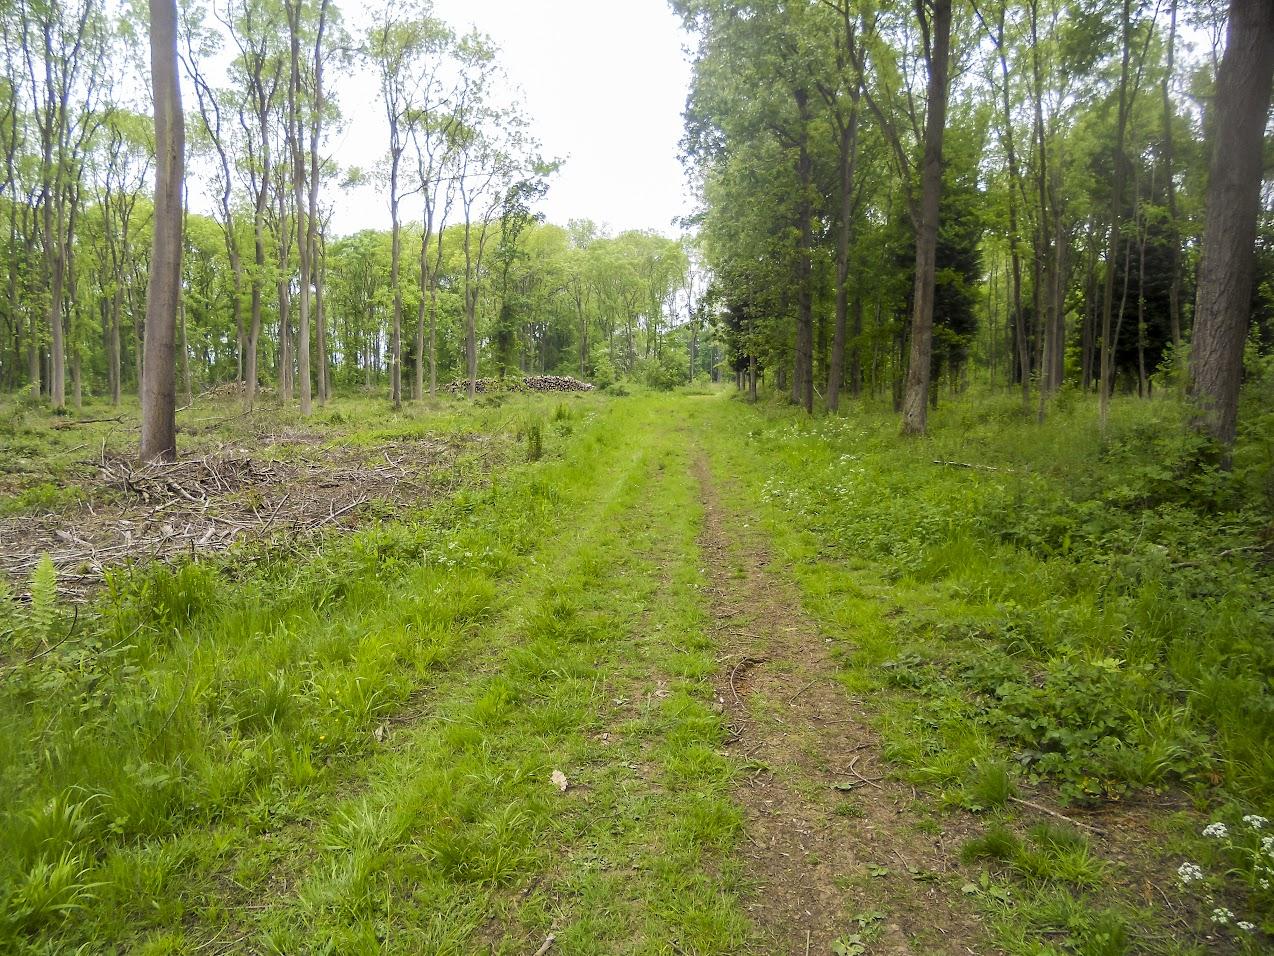 Plungar Woods